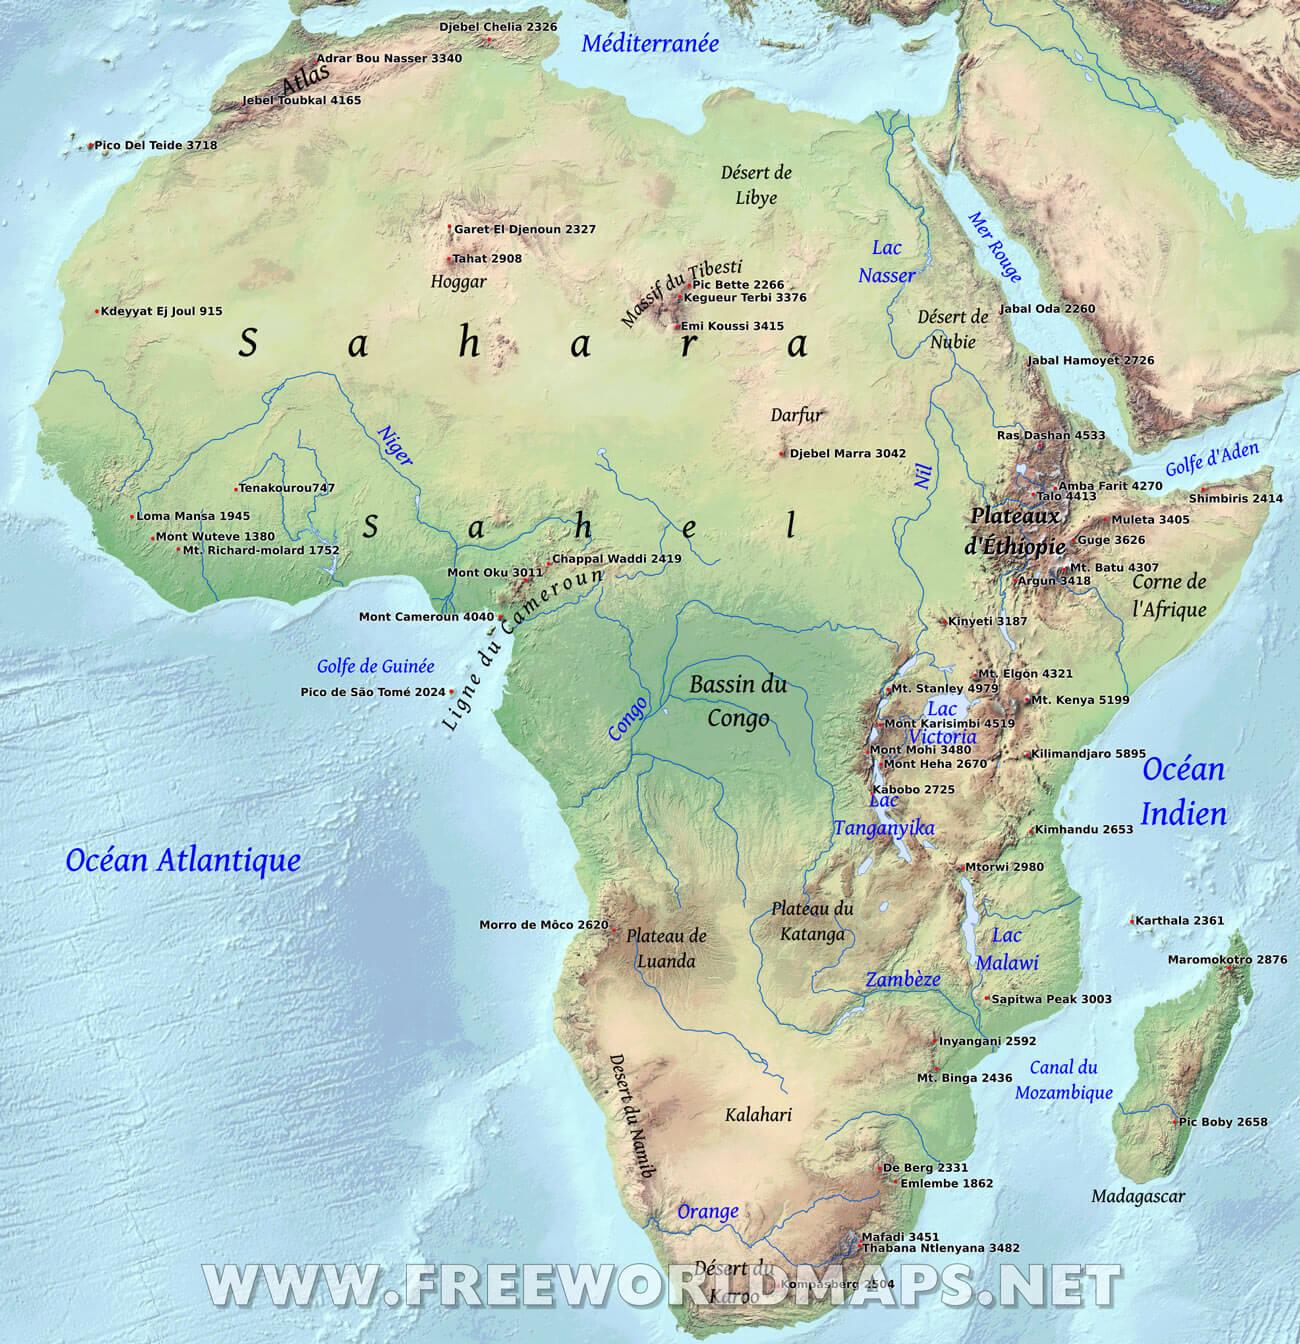 Carte Hydrographique De Lafrique Du Sud.Carte De L Afrique En Francais